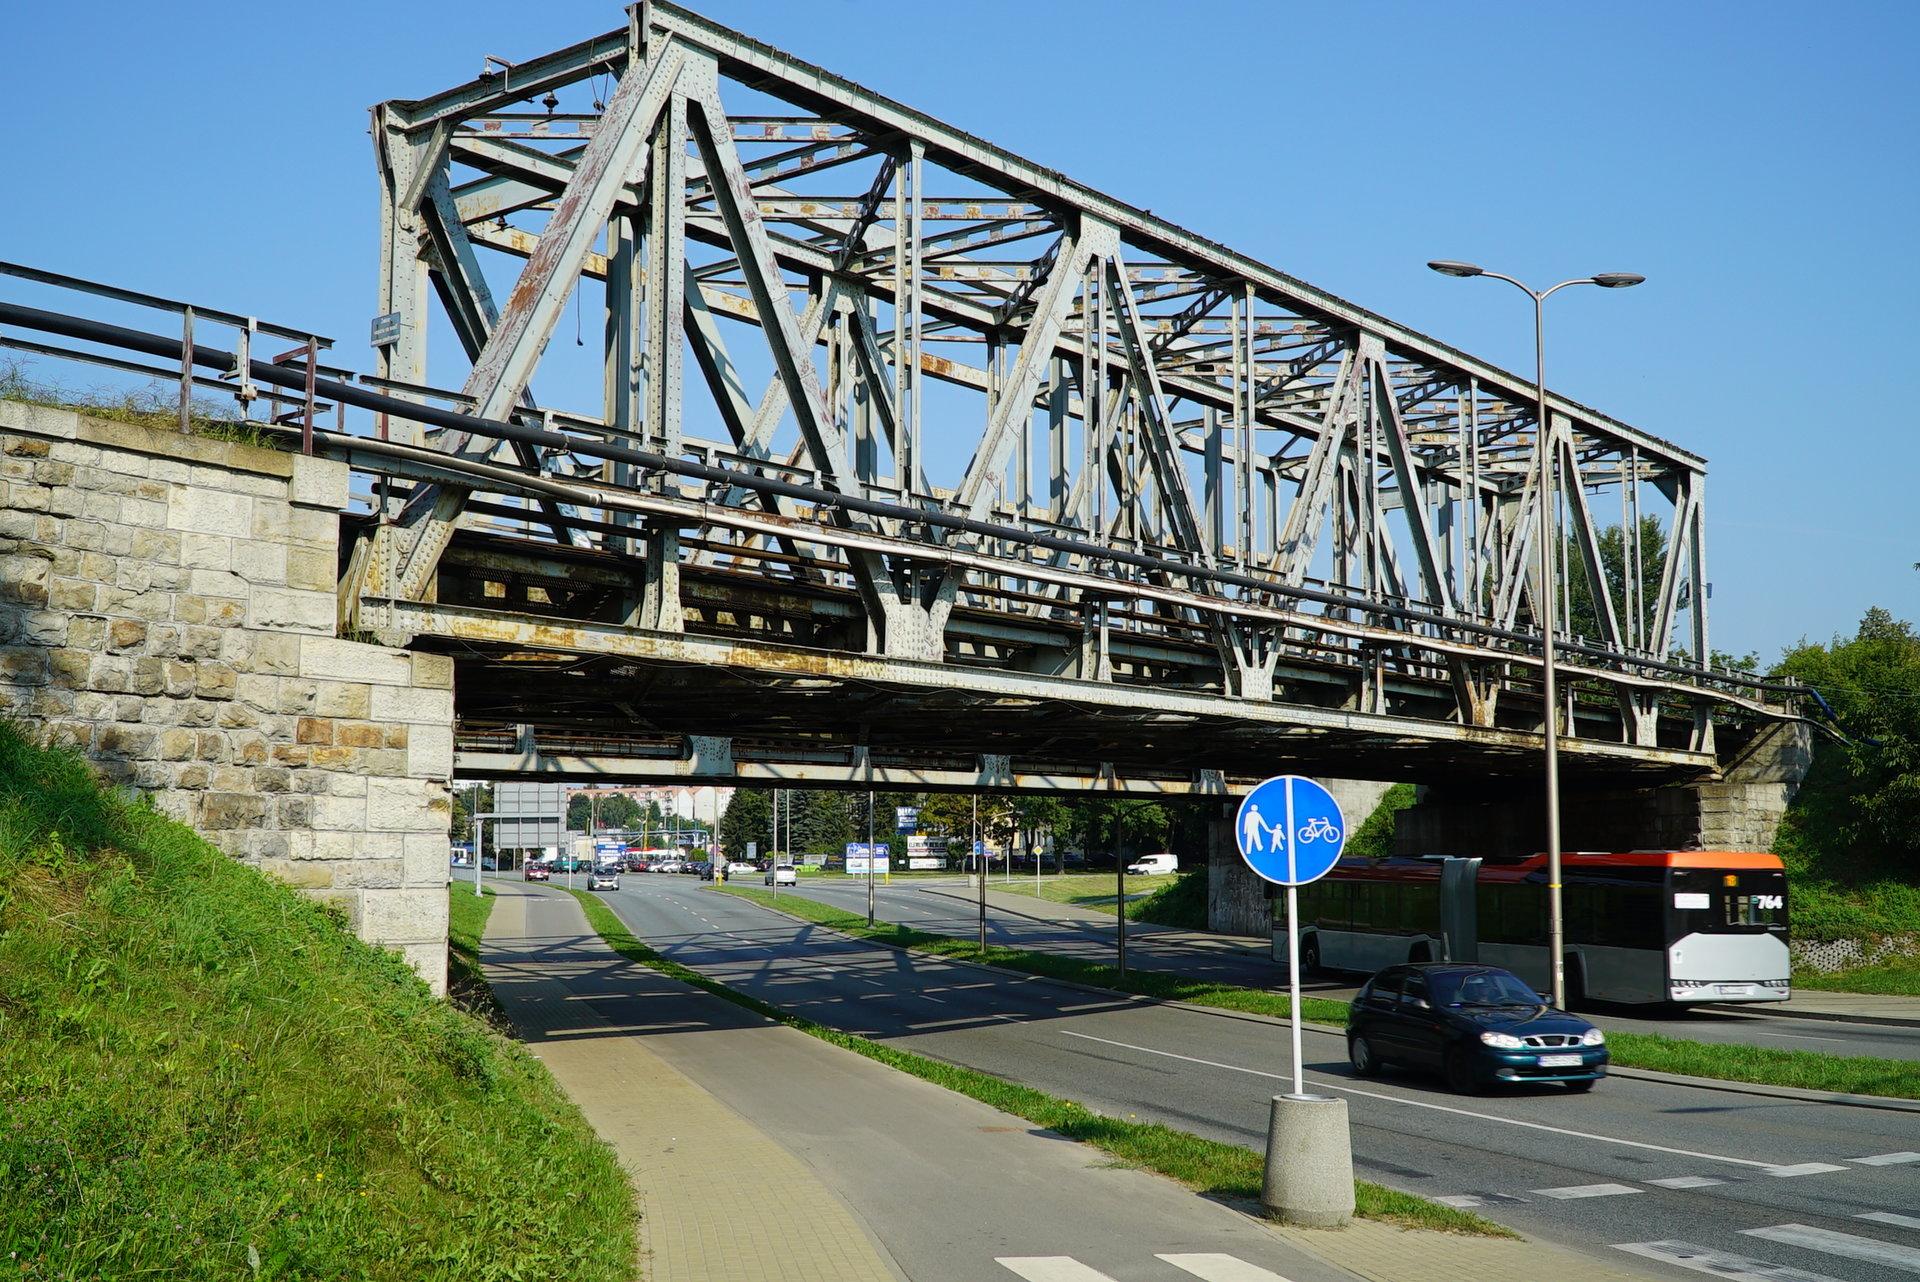 Rozpoczęła się modernizacja stacji Rzeszów Główny. Będzie też przystanek Rzeszów Zachodni